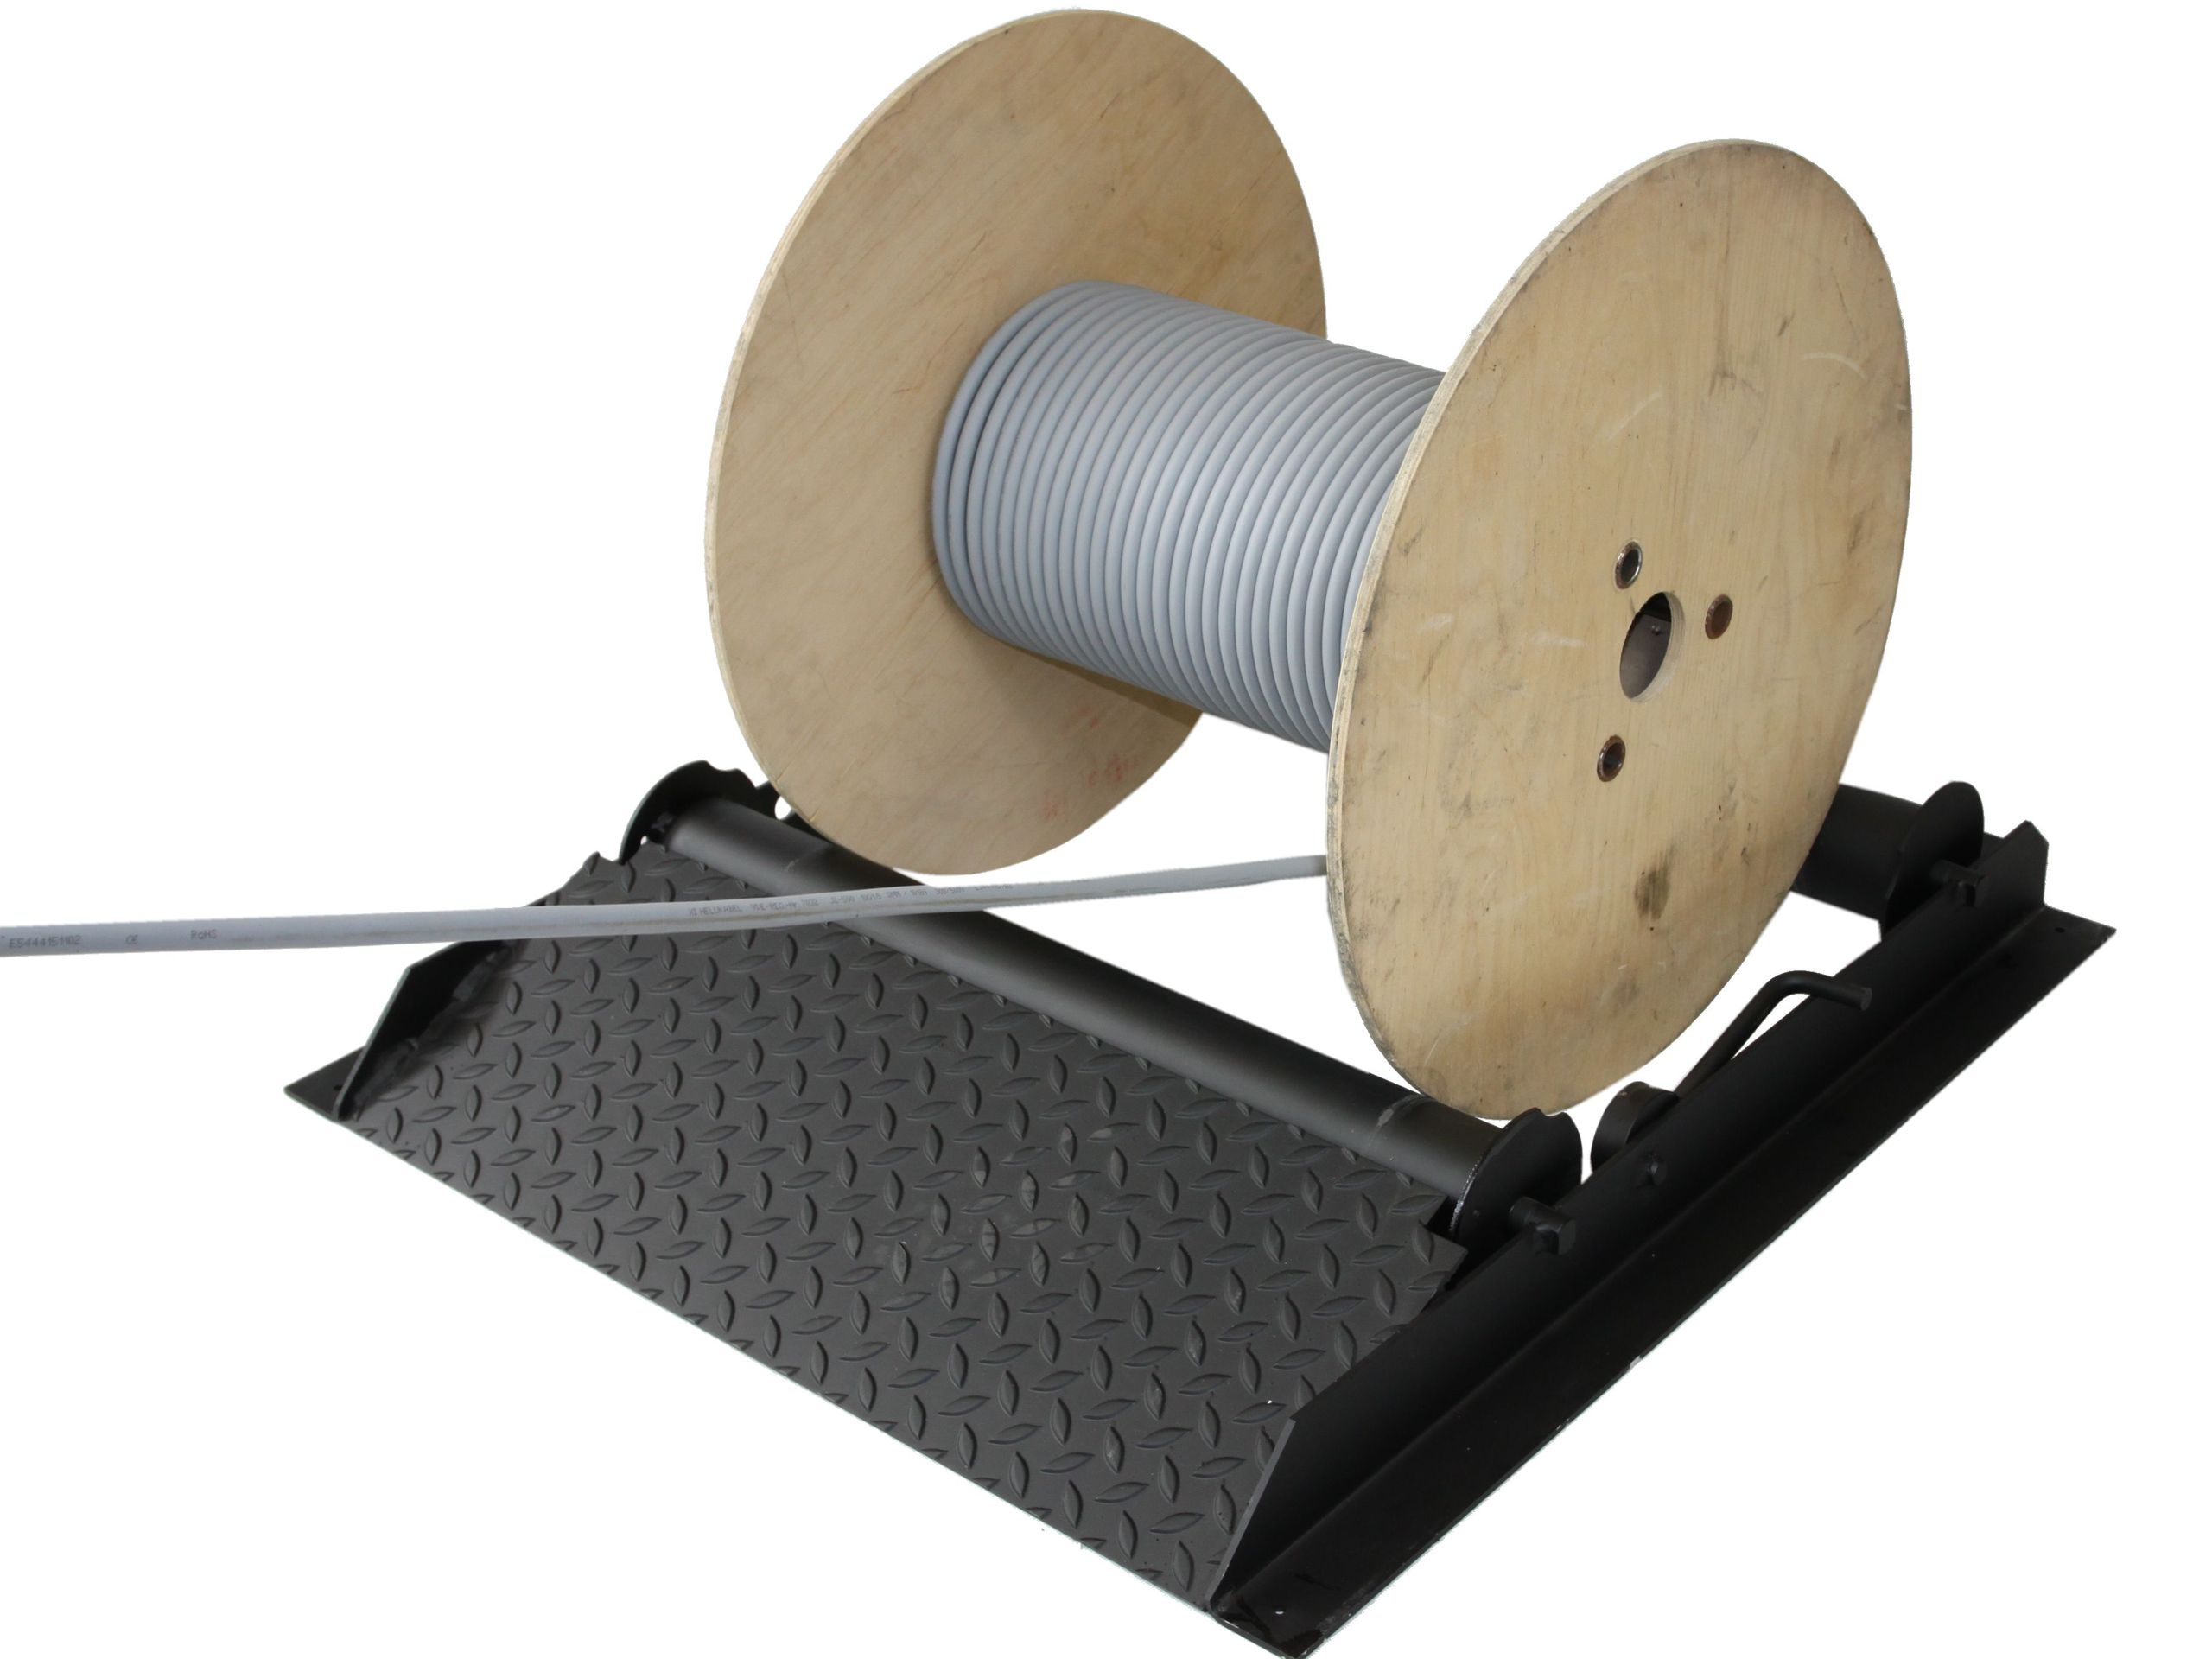 Likvidácia káblových bubnov 1200 kg nerozbalená cievka